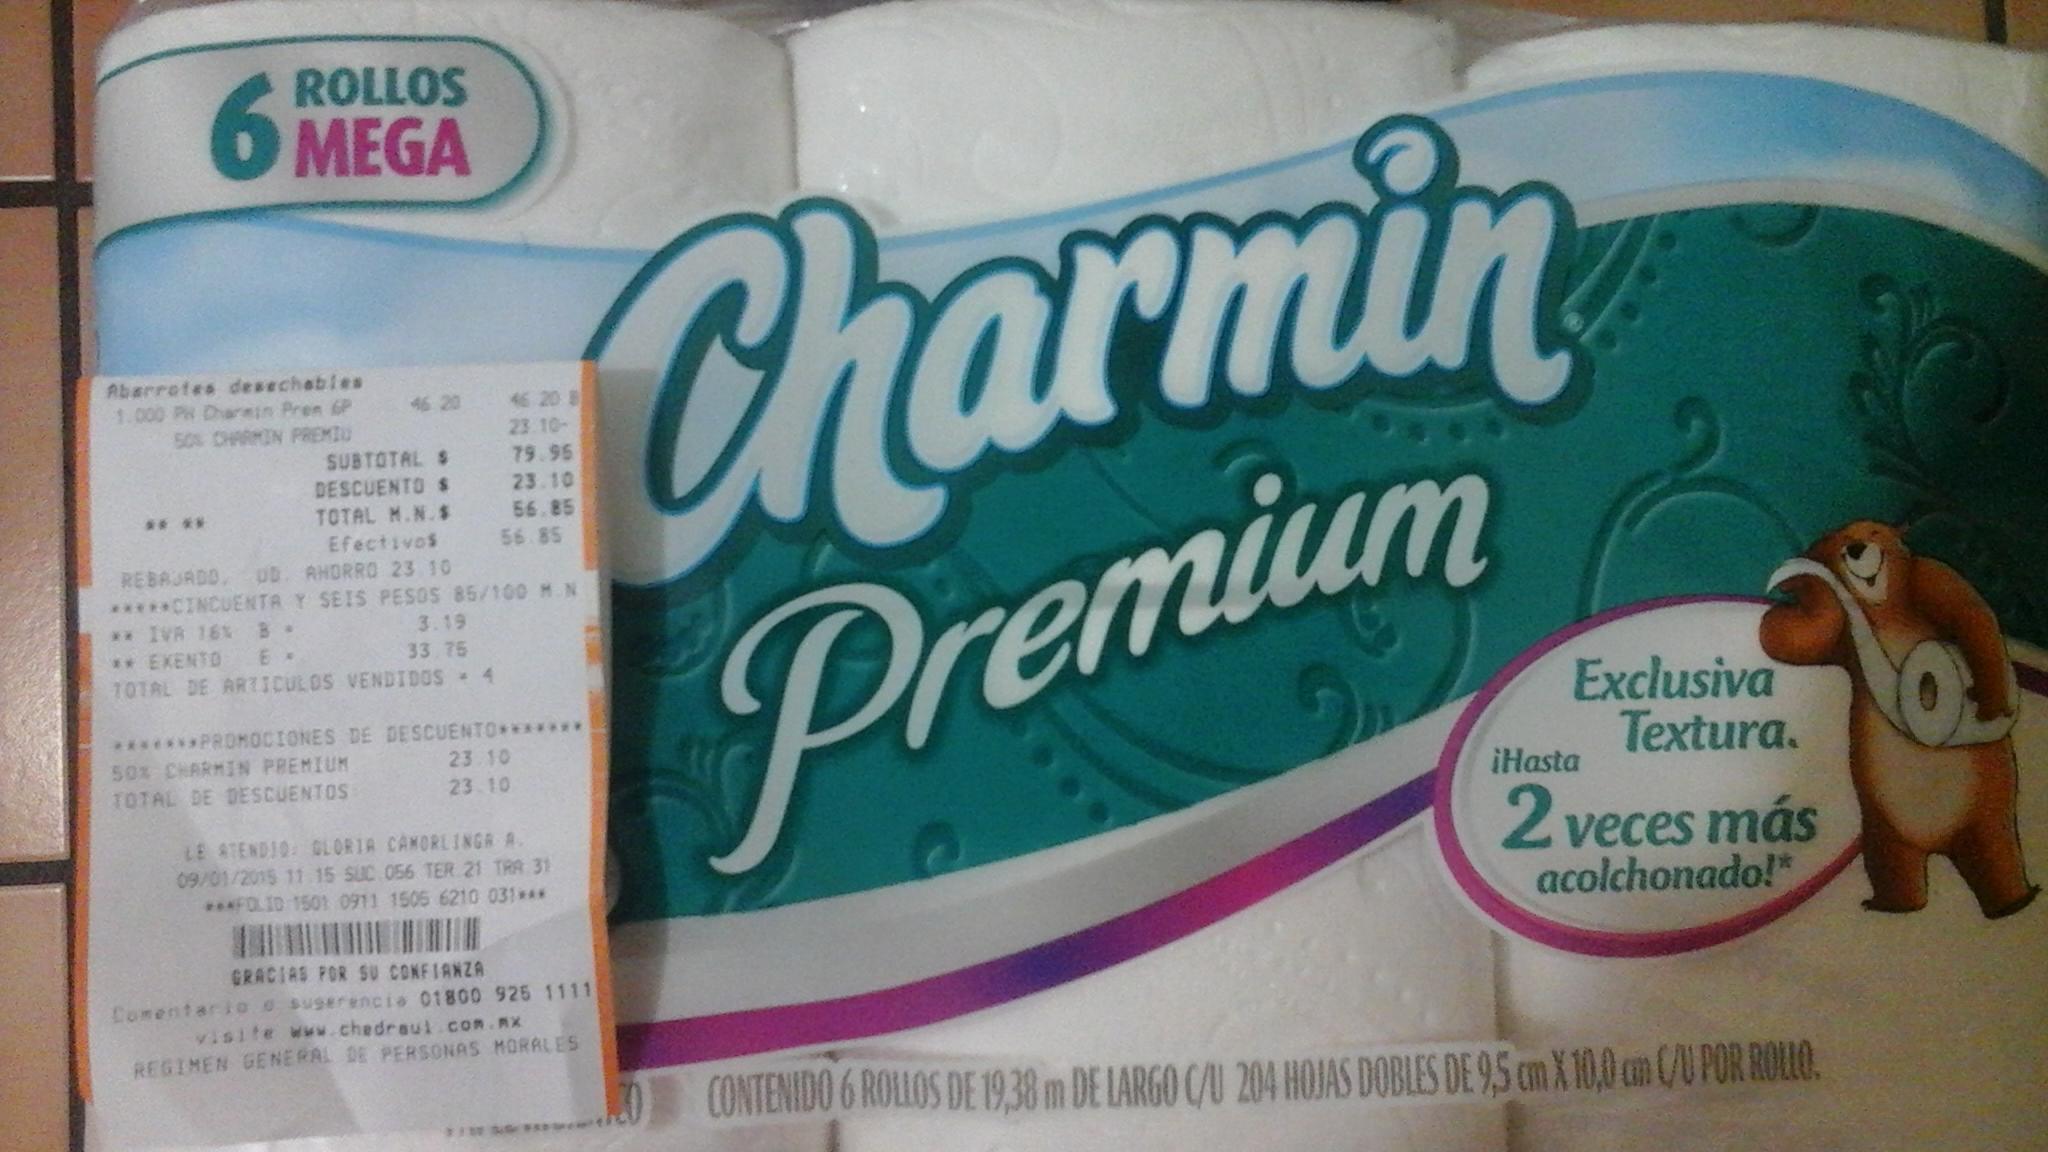 Chedraui: Papel Higienico  Charmin Premium con 50%